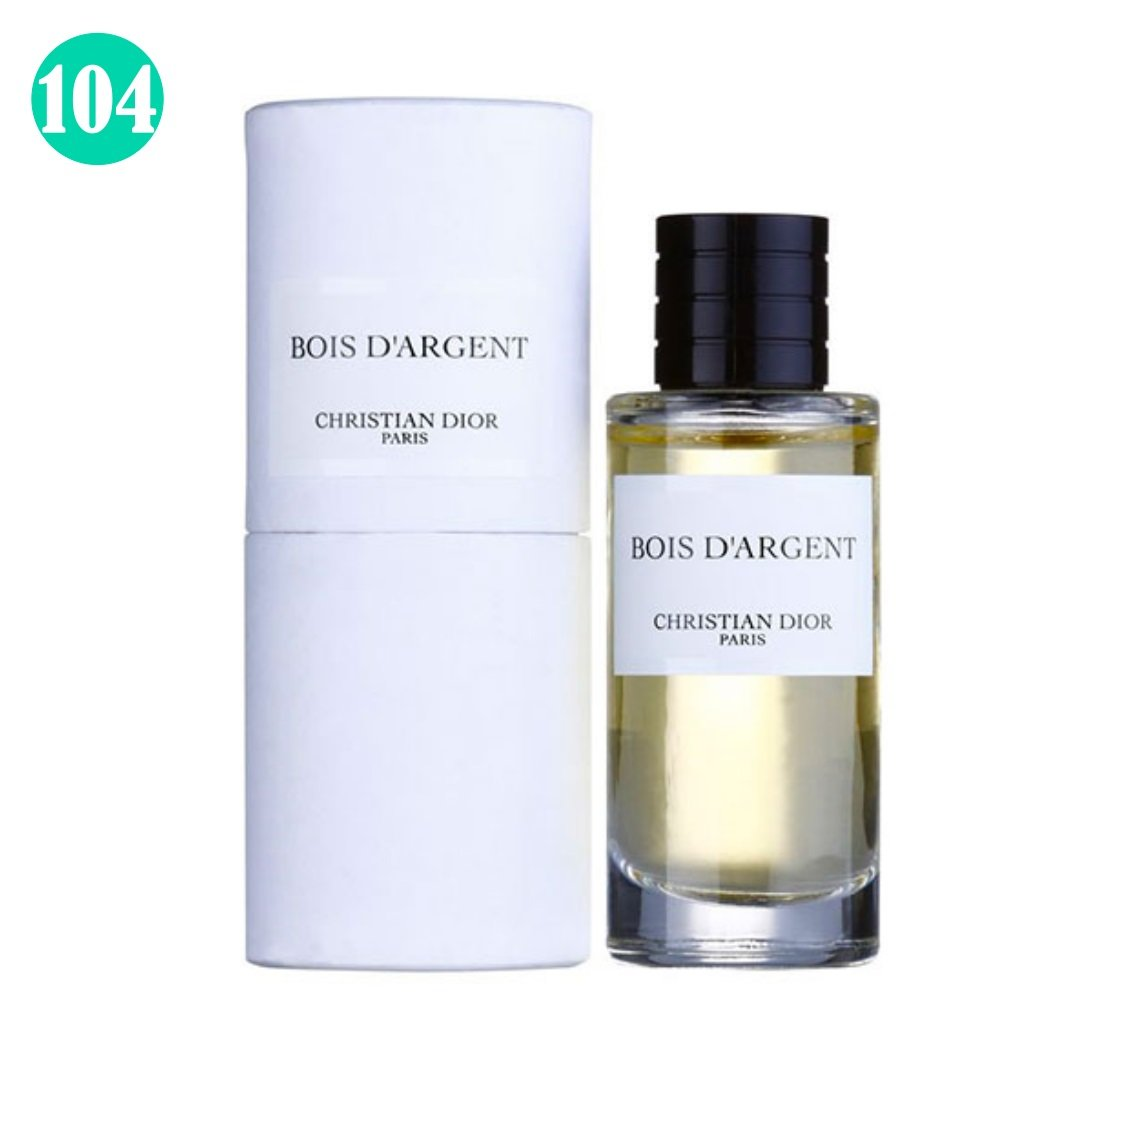 BOIS D'ARGENT – Christian Dior unisex